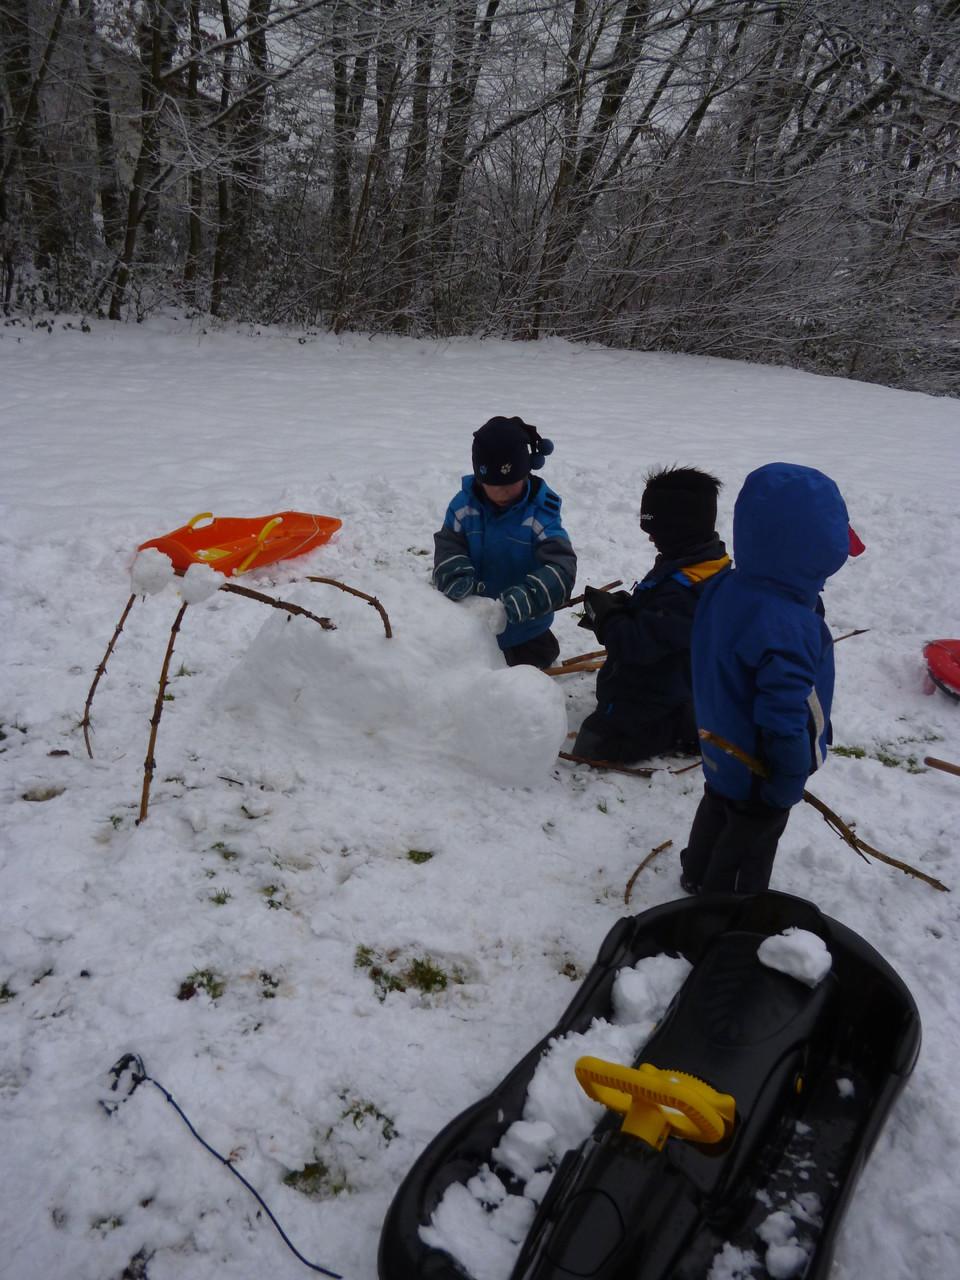 ...bauen eine Schneespinne...